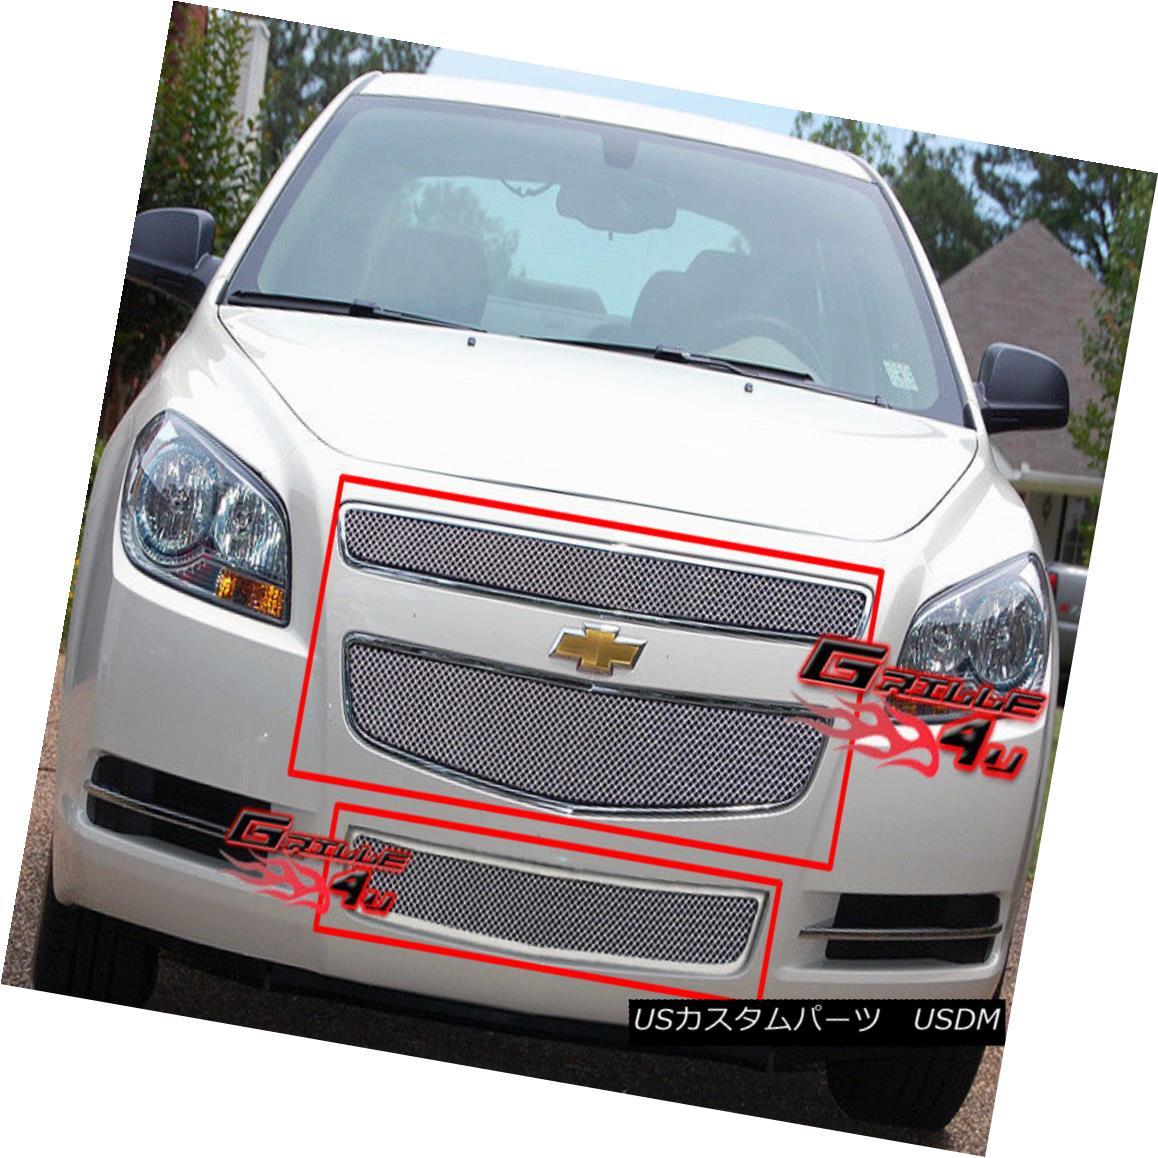 グリル Custom Fits 2008-2012 Chevy Malibu Stainless Steel Mesh Grill Combo カスタムフィット2008-2012シボレーマリブステンレスメッシュグリルコンボ